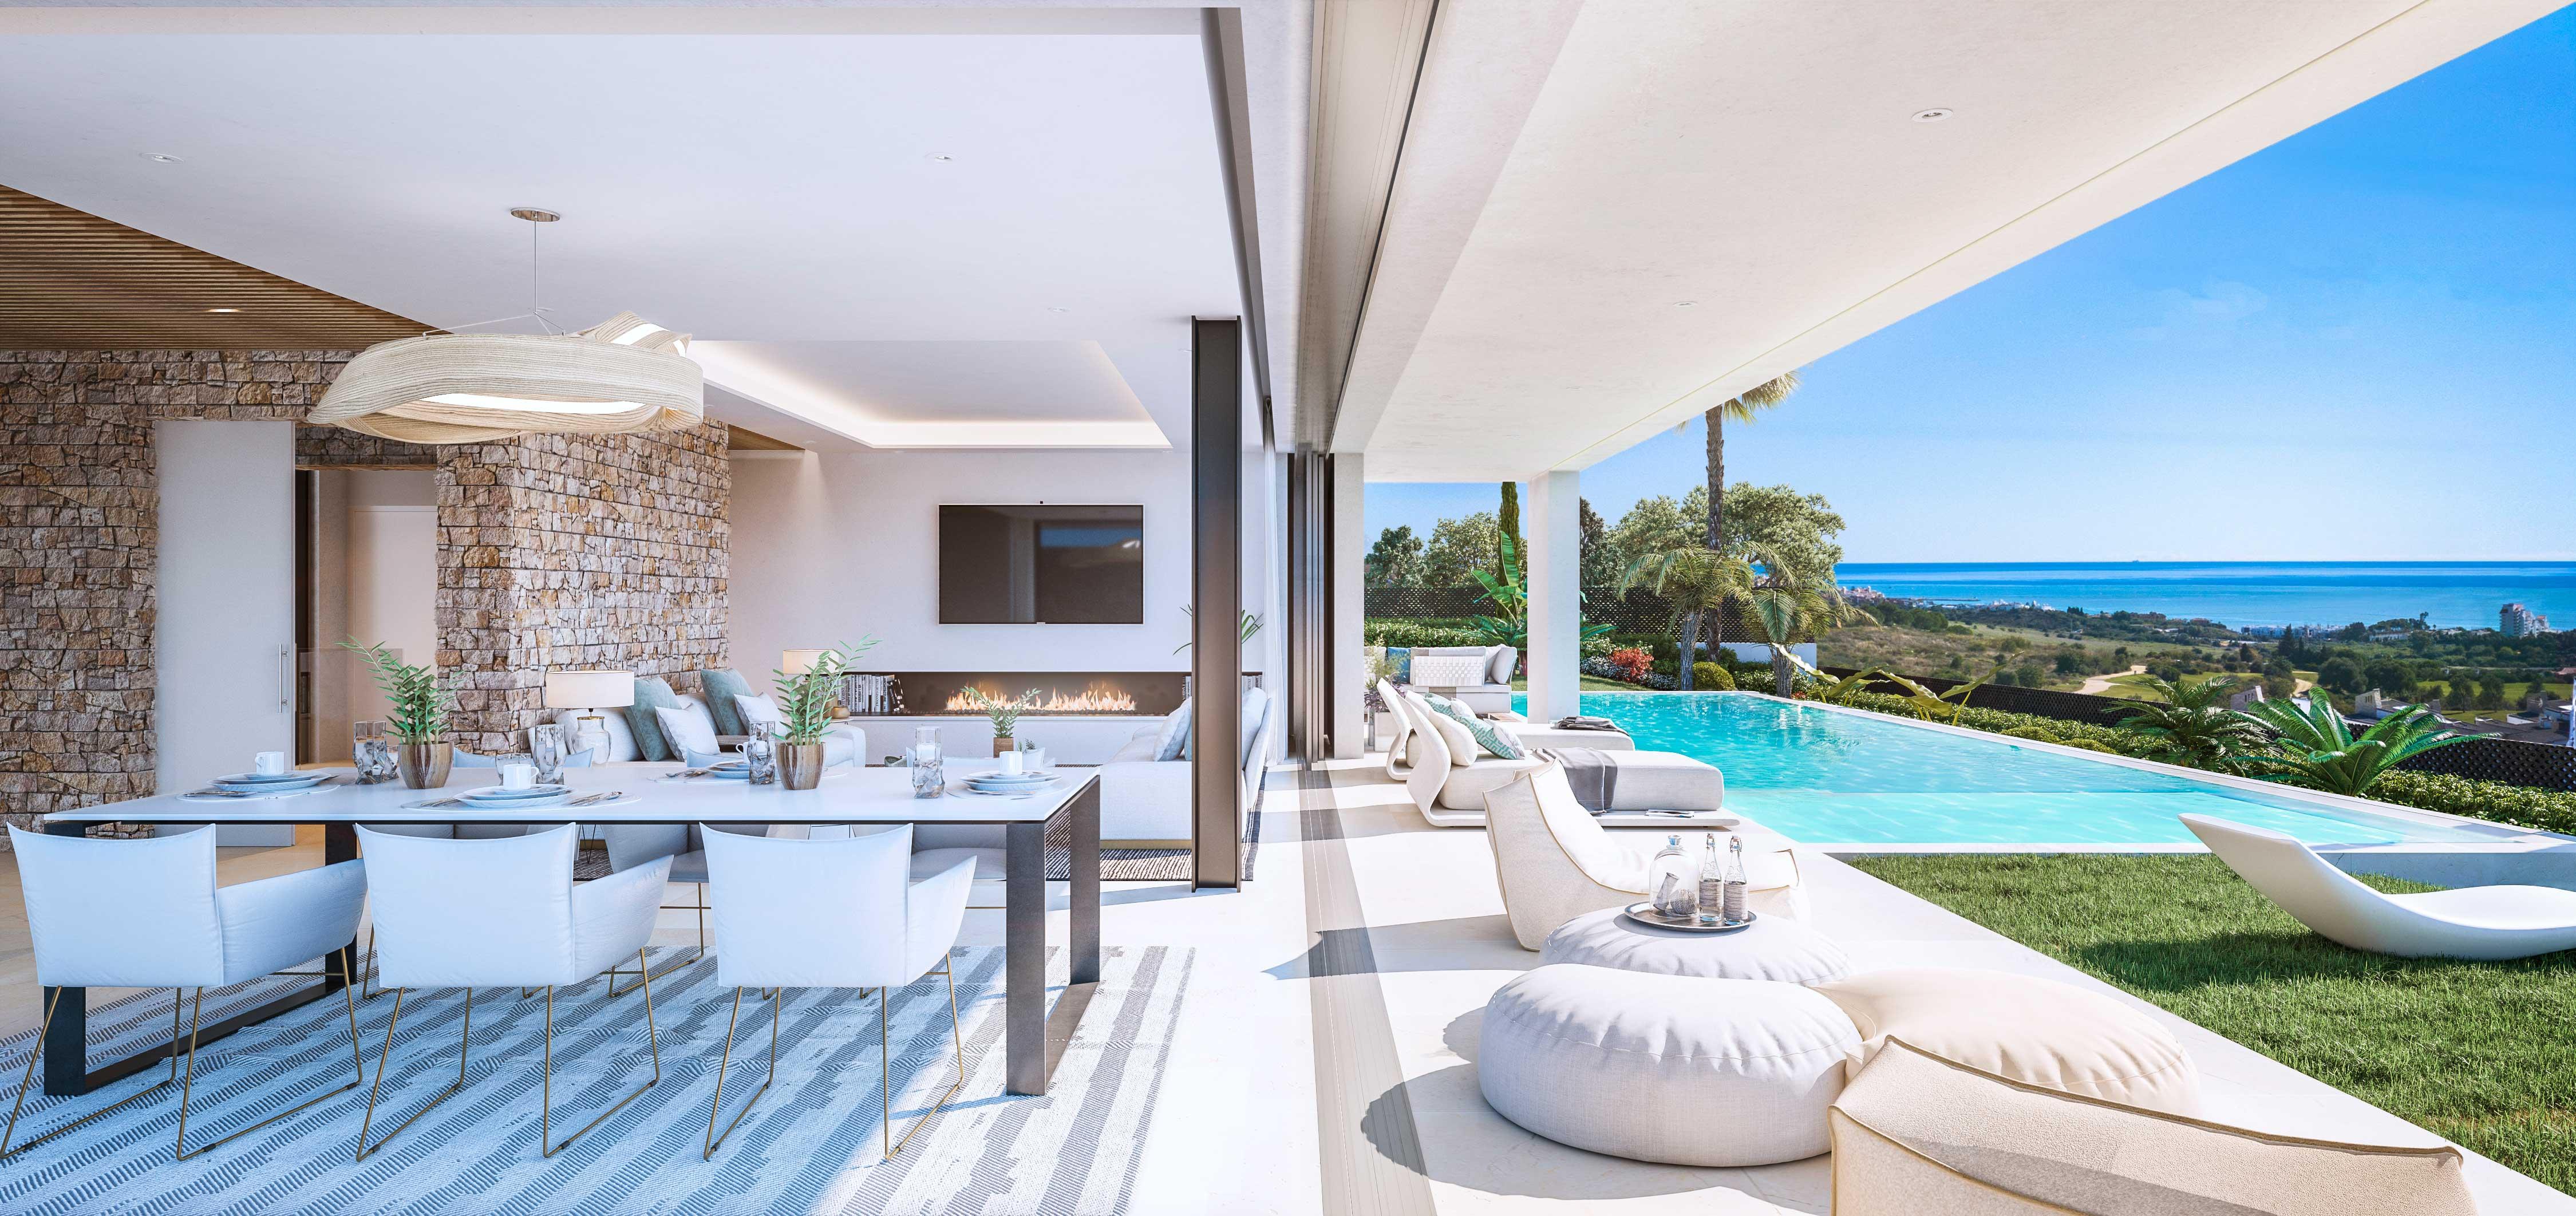 359-00108P: Villa in Estepona